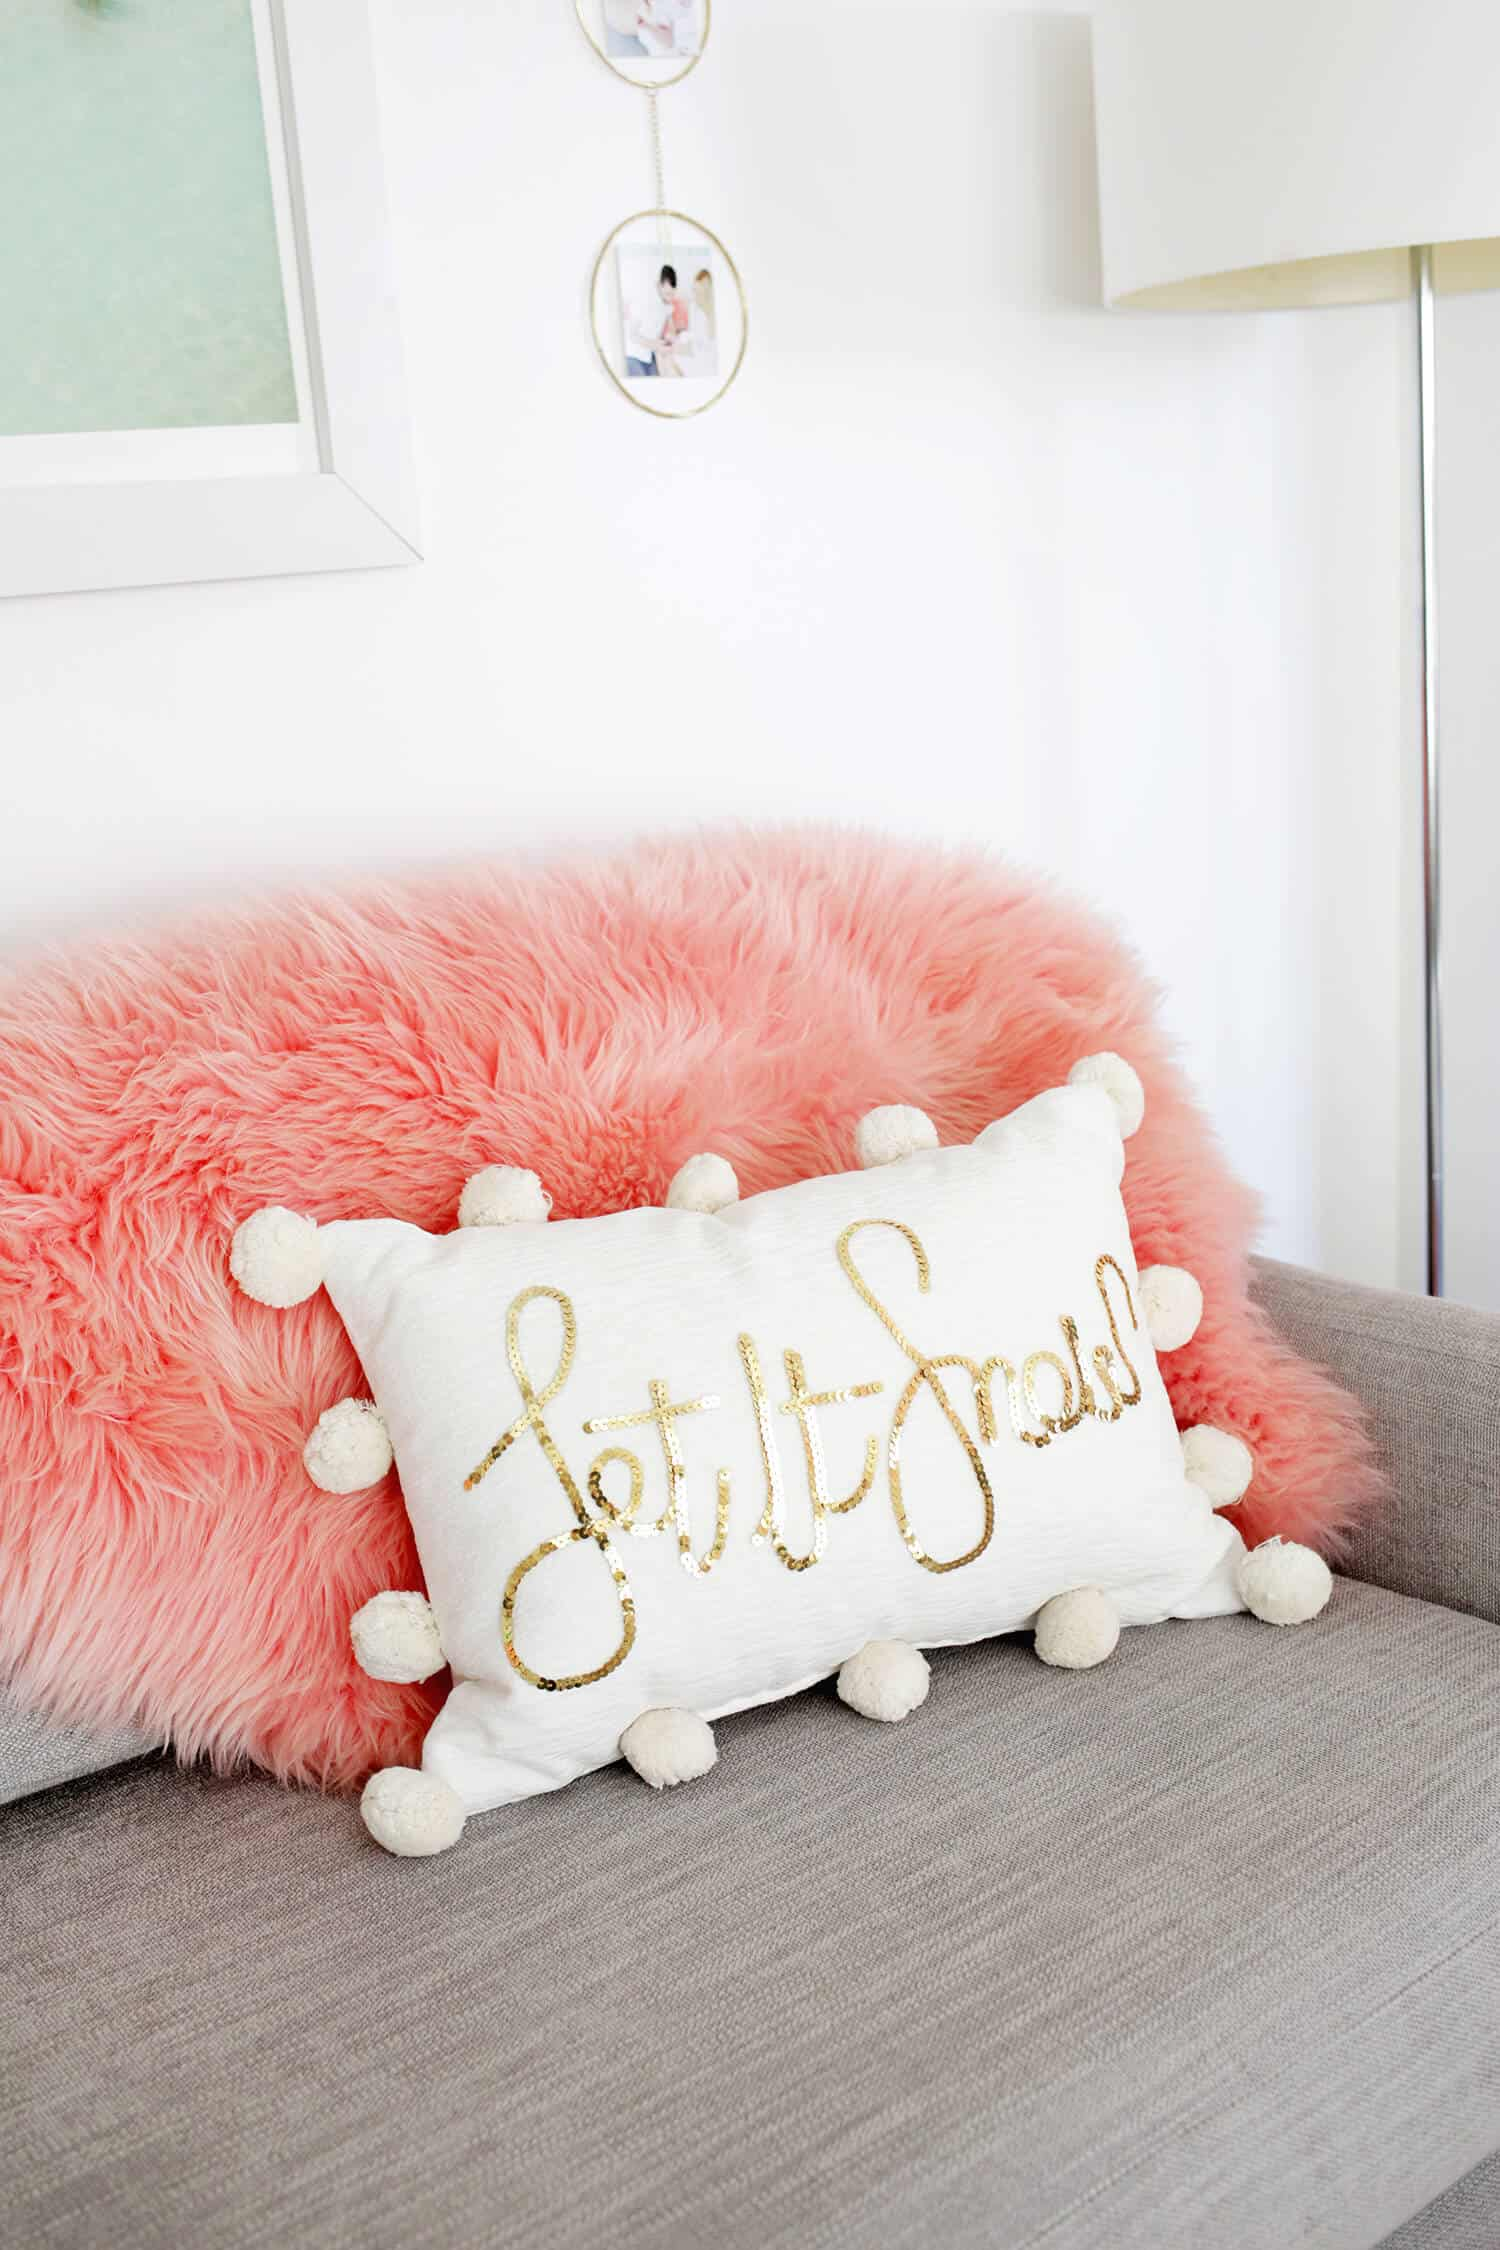 Sequin Phrase Pillow Diy A Beautiful Mess